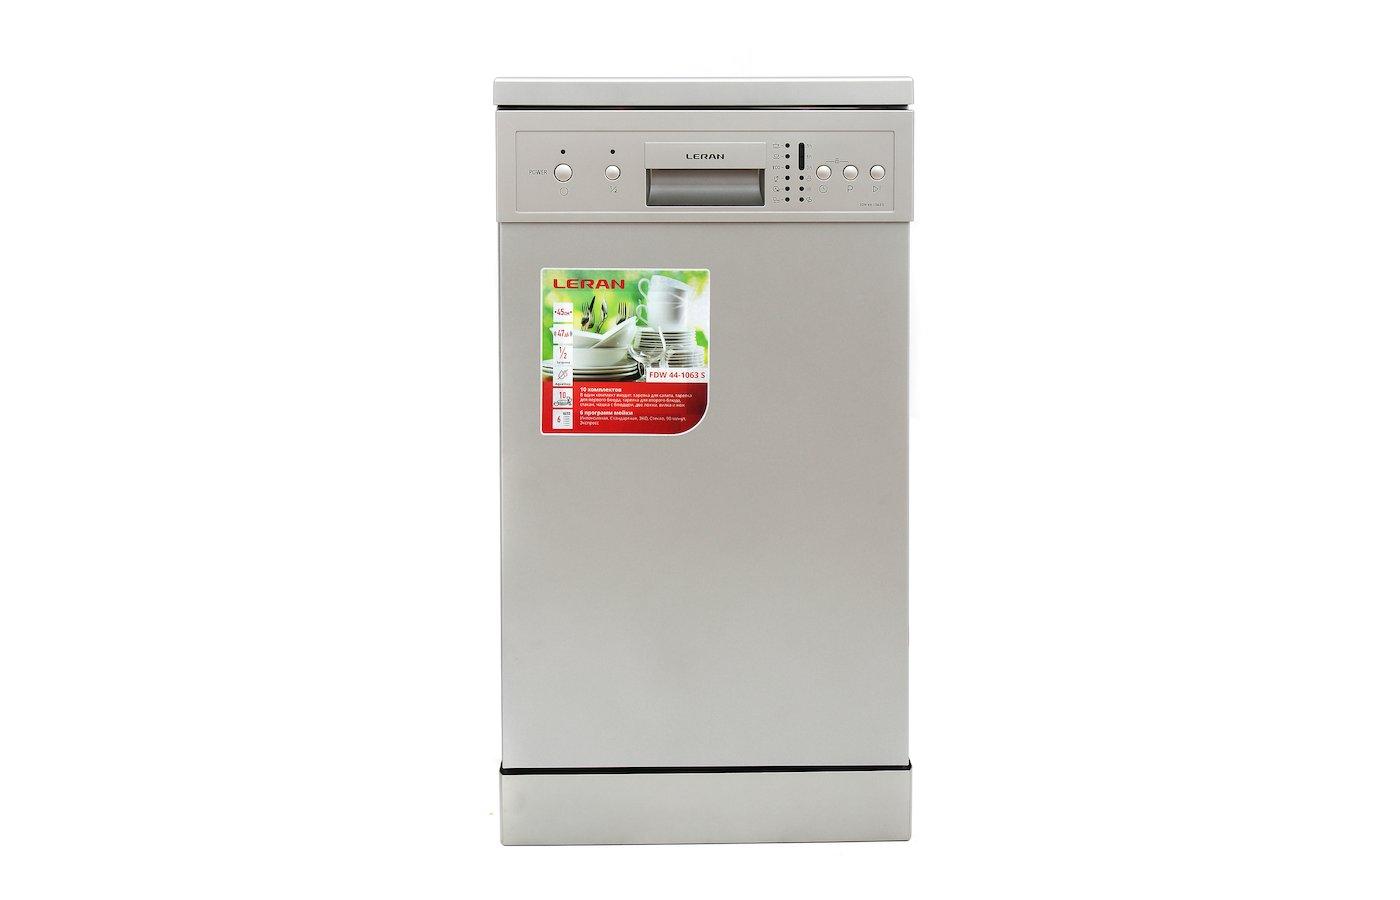 Посудомоечная машина Leran FDW 44 1063 S